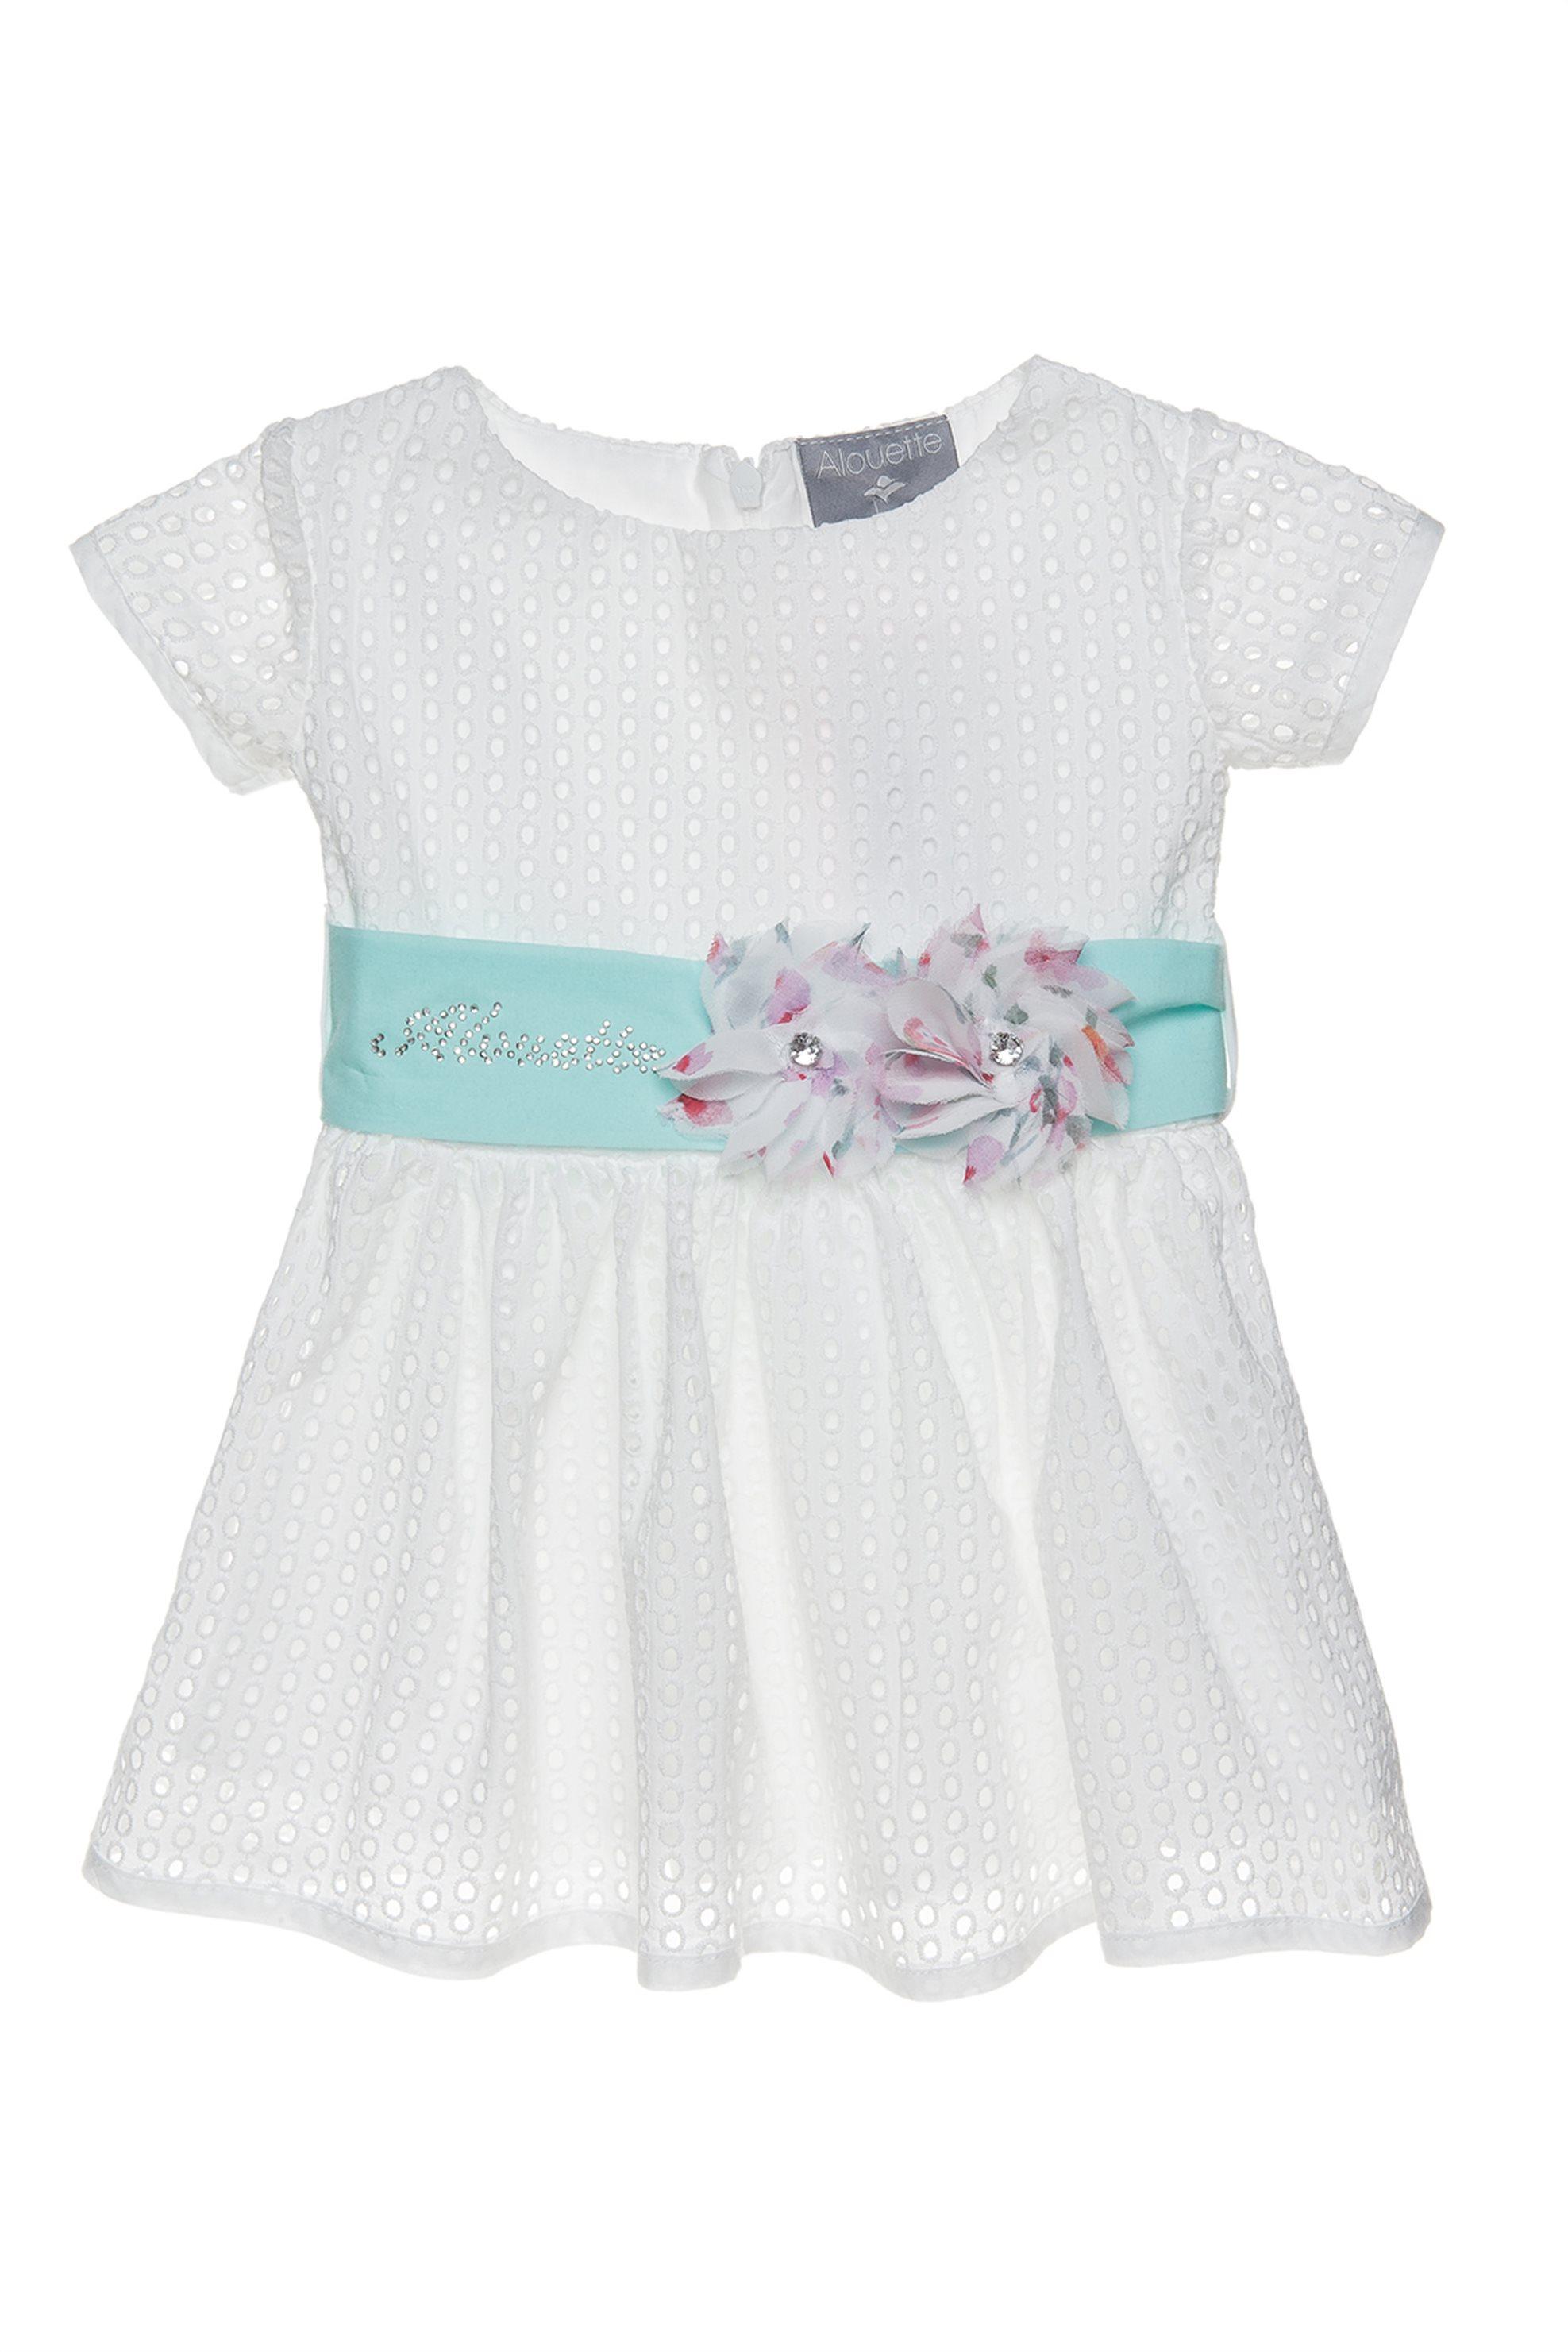 Βρεφικό φόρεμα από κοφτή δαντέλα με ζώνη Alouette - 00241164 - Λευκό παιδι   βρεφικα κοριτσι   0 3 ετων   ρούχα   φορέματα   φούστες